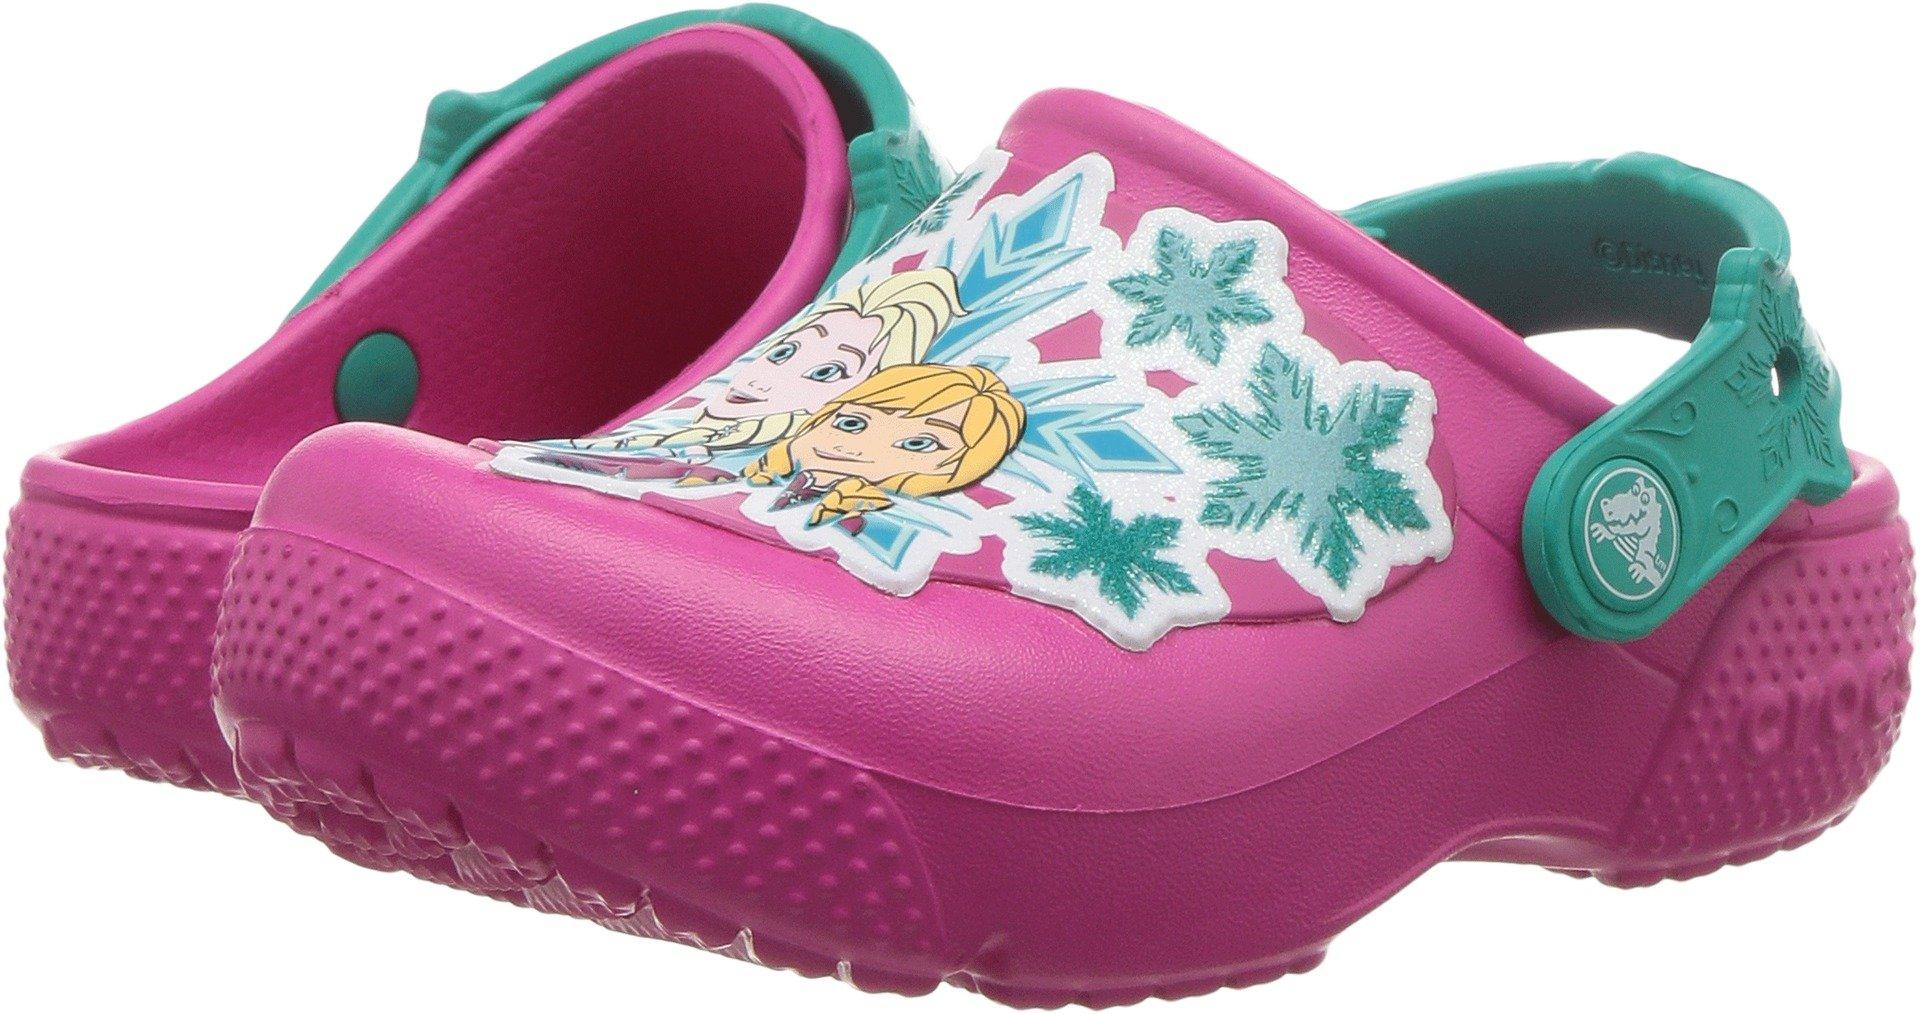 Crocs Girls' Fun Lab Frozen K Clog, Candy Pink, 8 M US Toddler